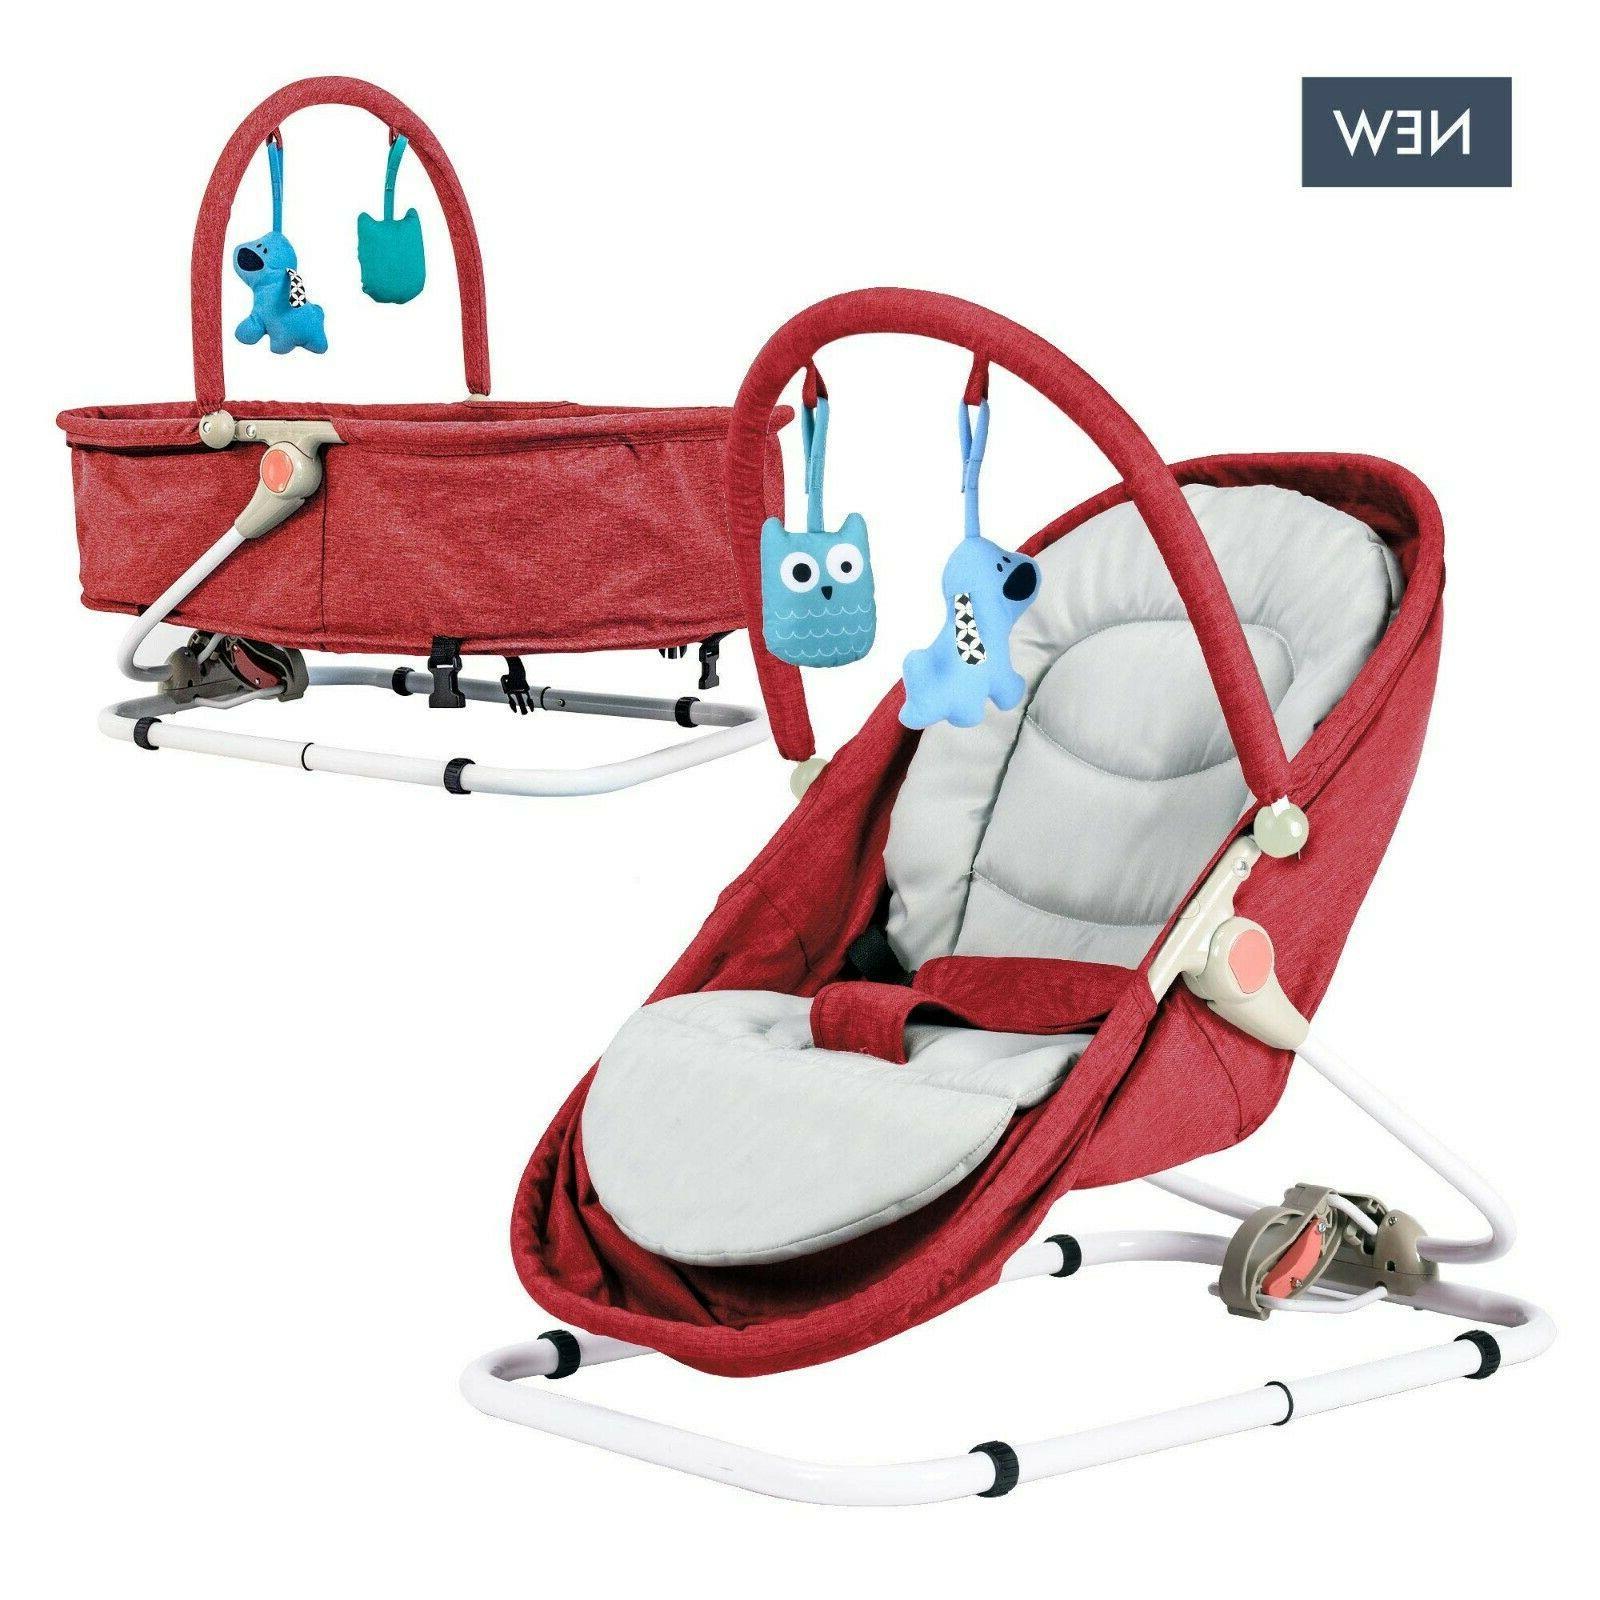 bouncer 2 in 1 cradle bed